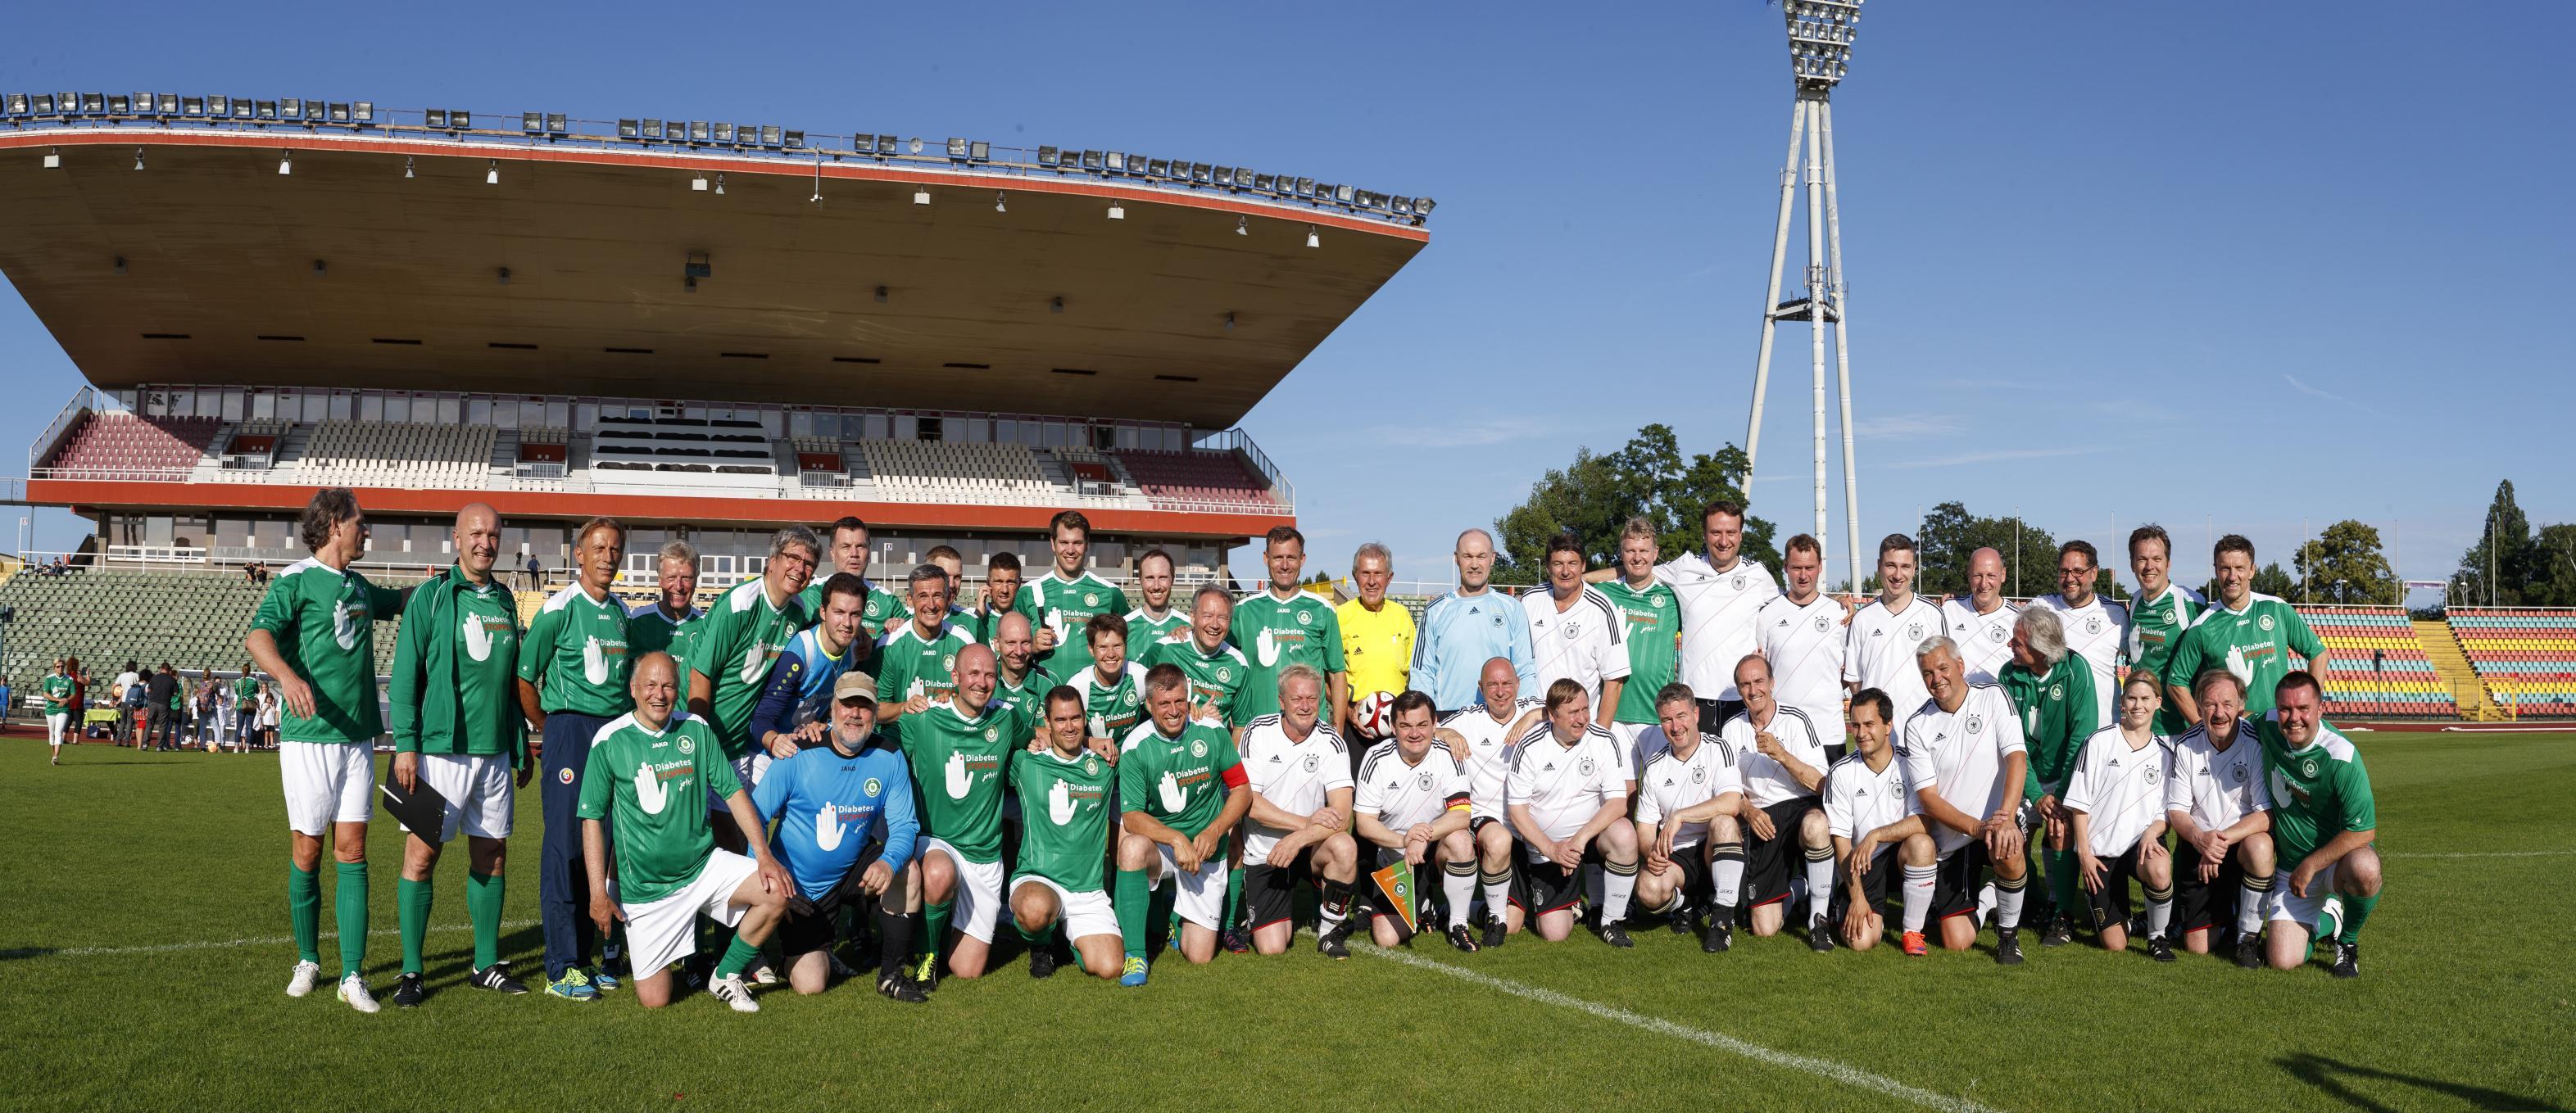 Fußballspiel FC Bundestag vs. FC Diabetologie 2017 - Die Mannschaften